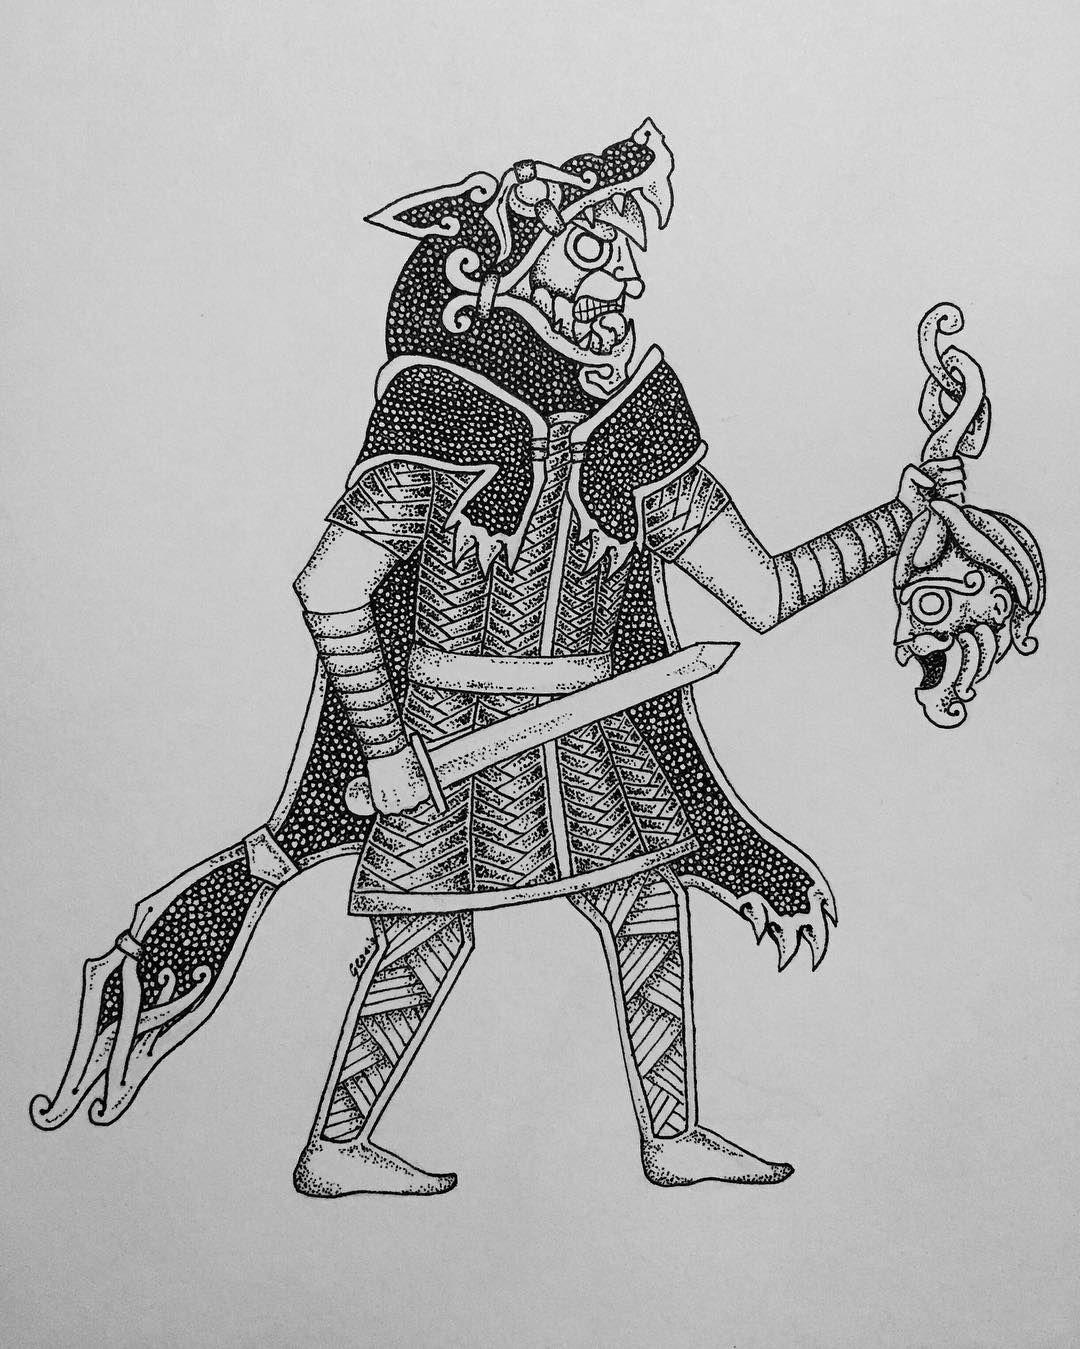 Ulfhedinn Ulfhedinn Ulfhednar Wolf Warrior Vikings Vikingart Vikingstyle Draw Drawing Instadraw Sketch Norse Tattoo Nordic Tattoo Viking Art